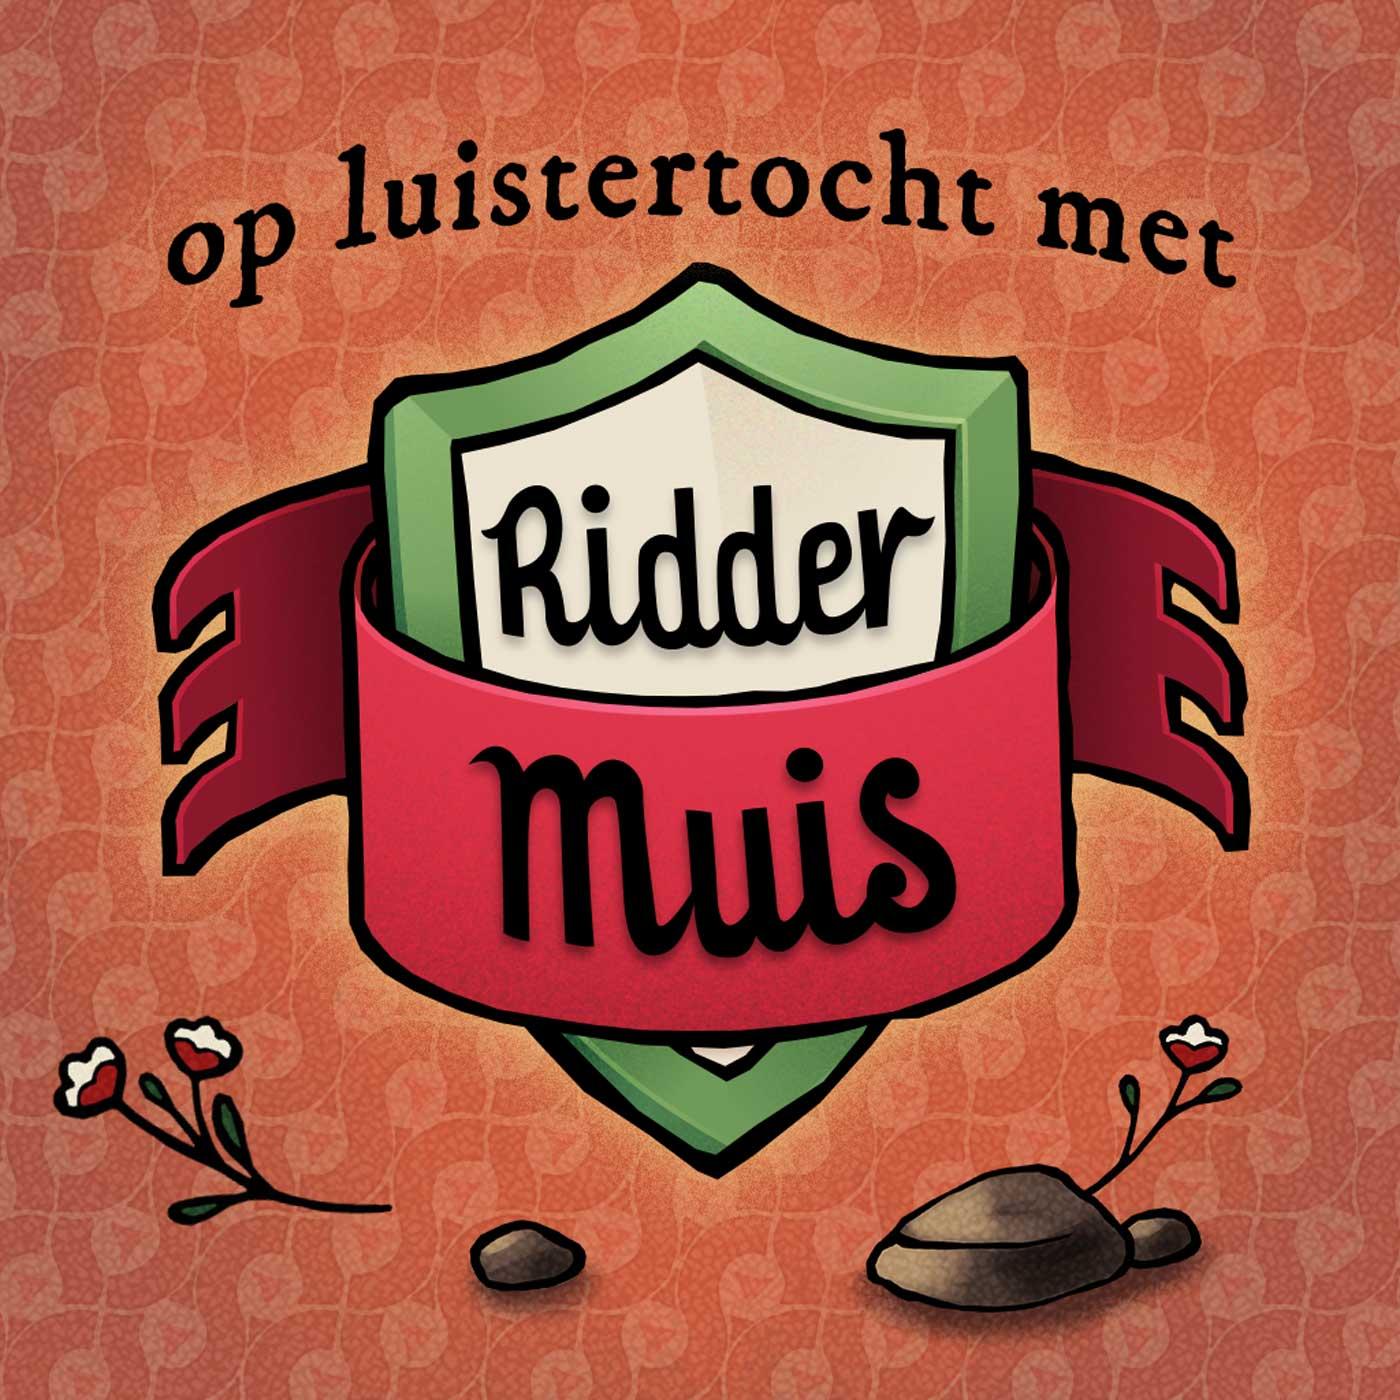 Op luistertocht met Ridder Muis logo